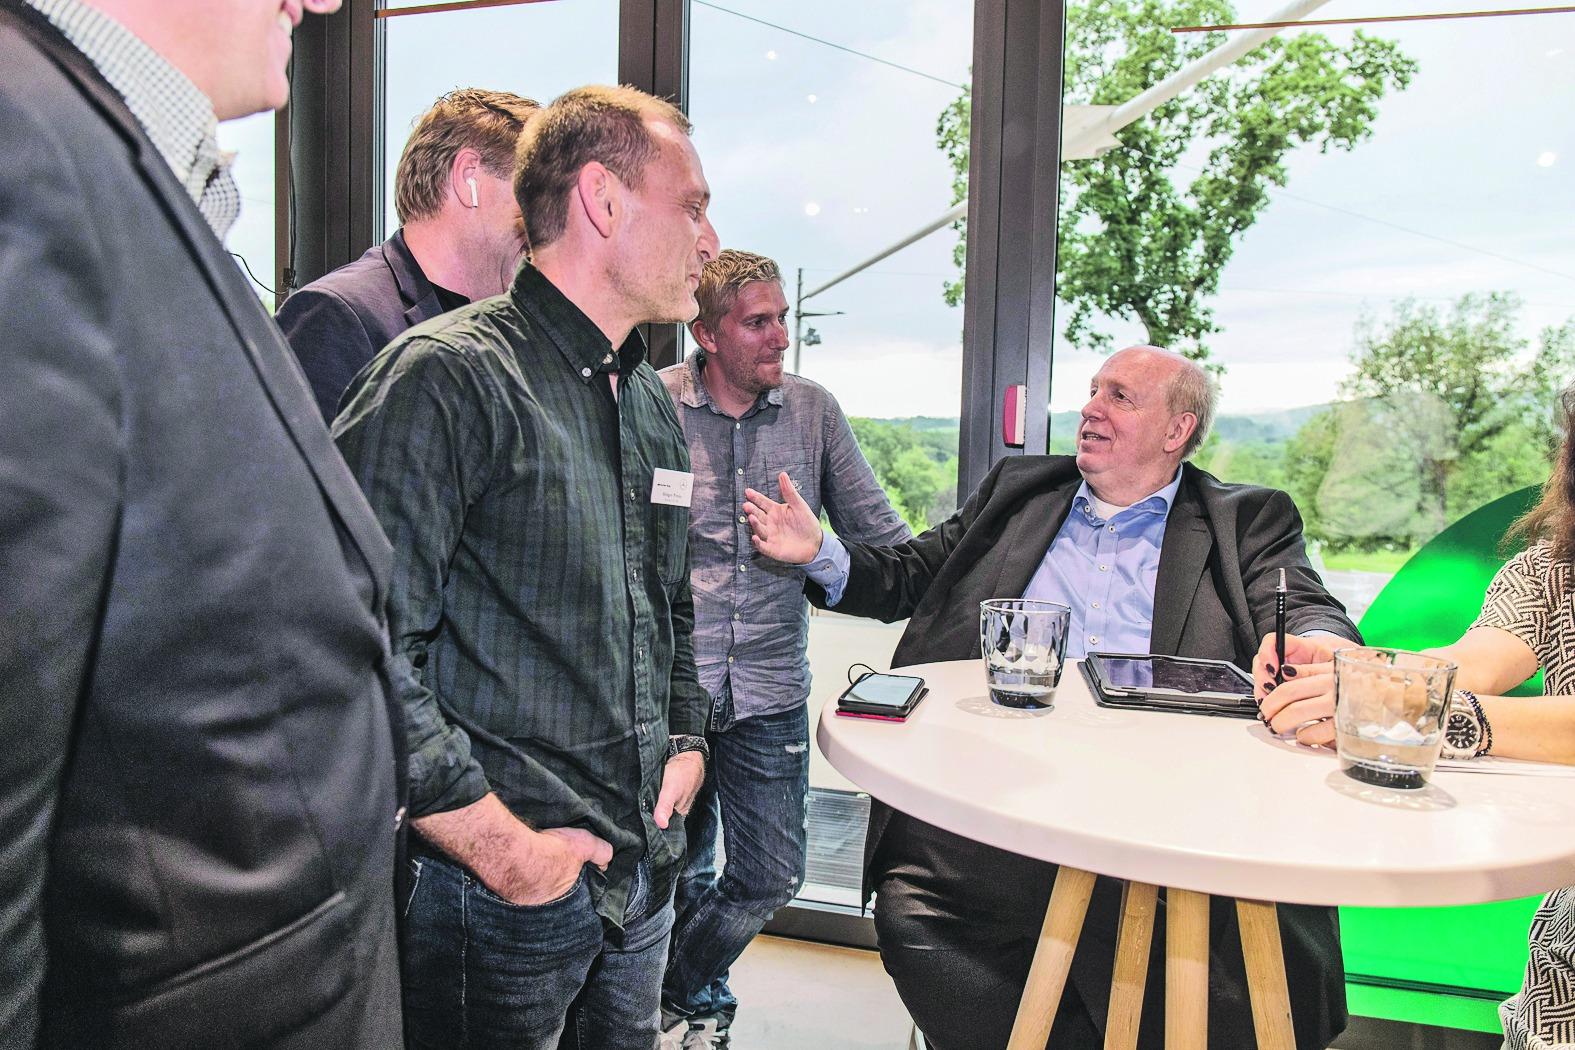 fuball reiner calmund rechnet mit einem wm finale deutschland gegen frankreich der ehemalige manager von bayer 04 leverkusen tippt bei der wm - Reiner Calmund Lebenslauf